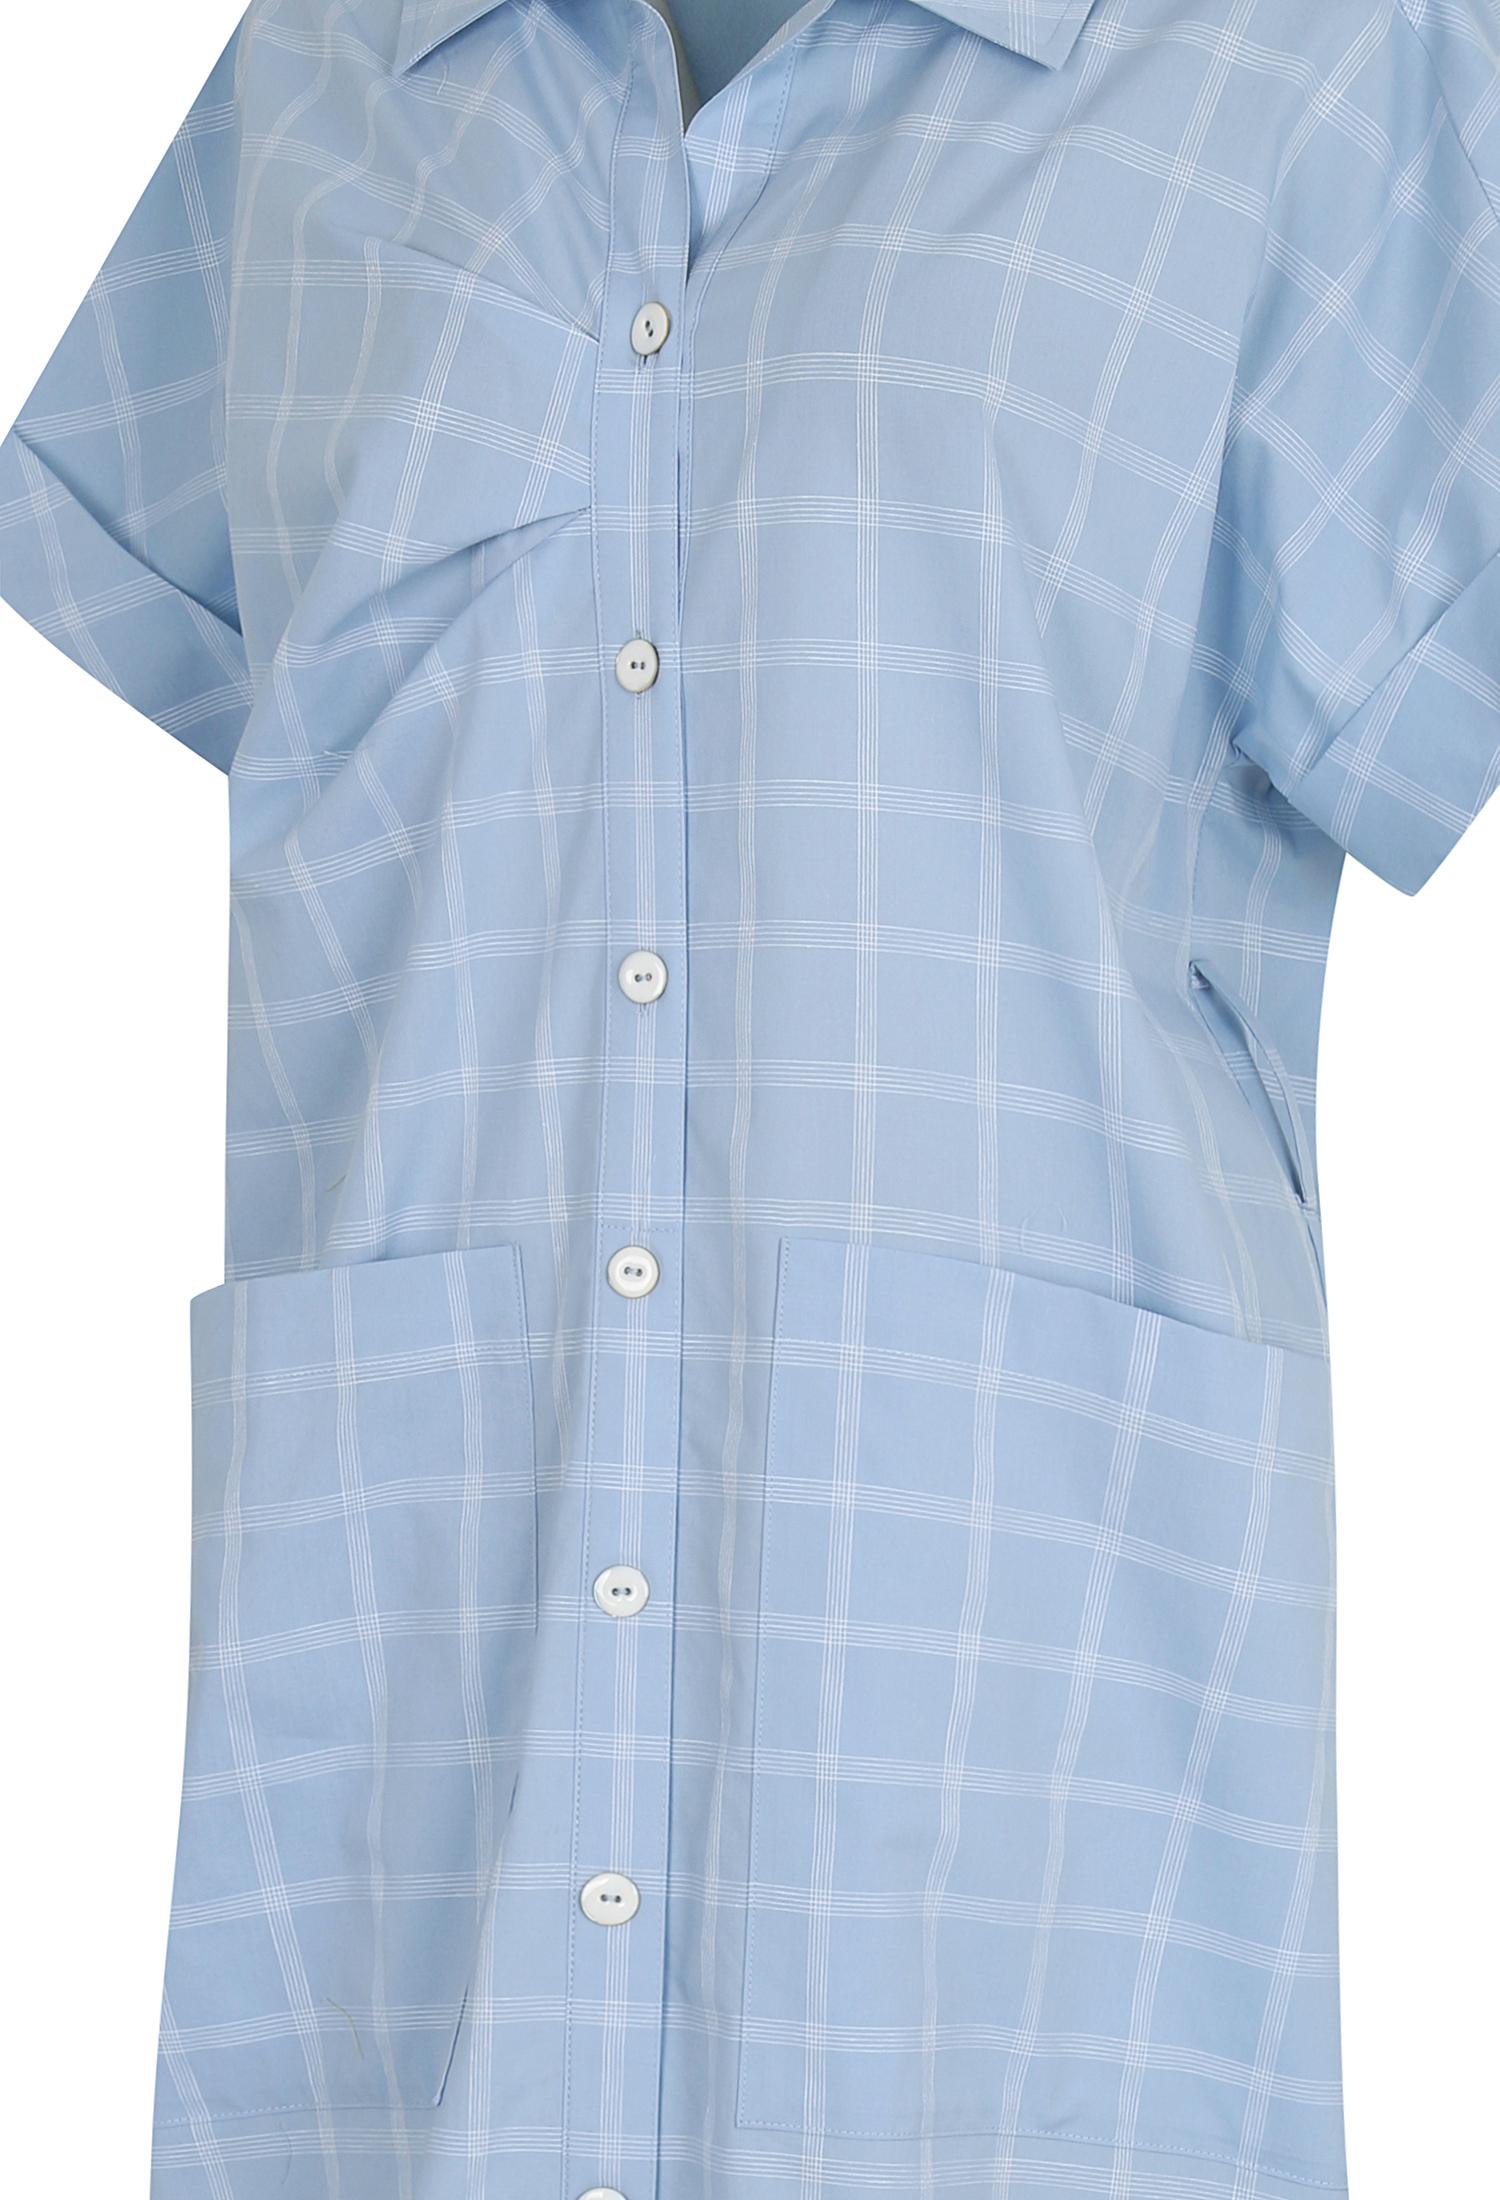 린넨 혼방 체크 셔츠 원피스 (L/BLUE)